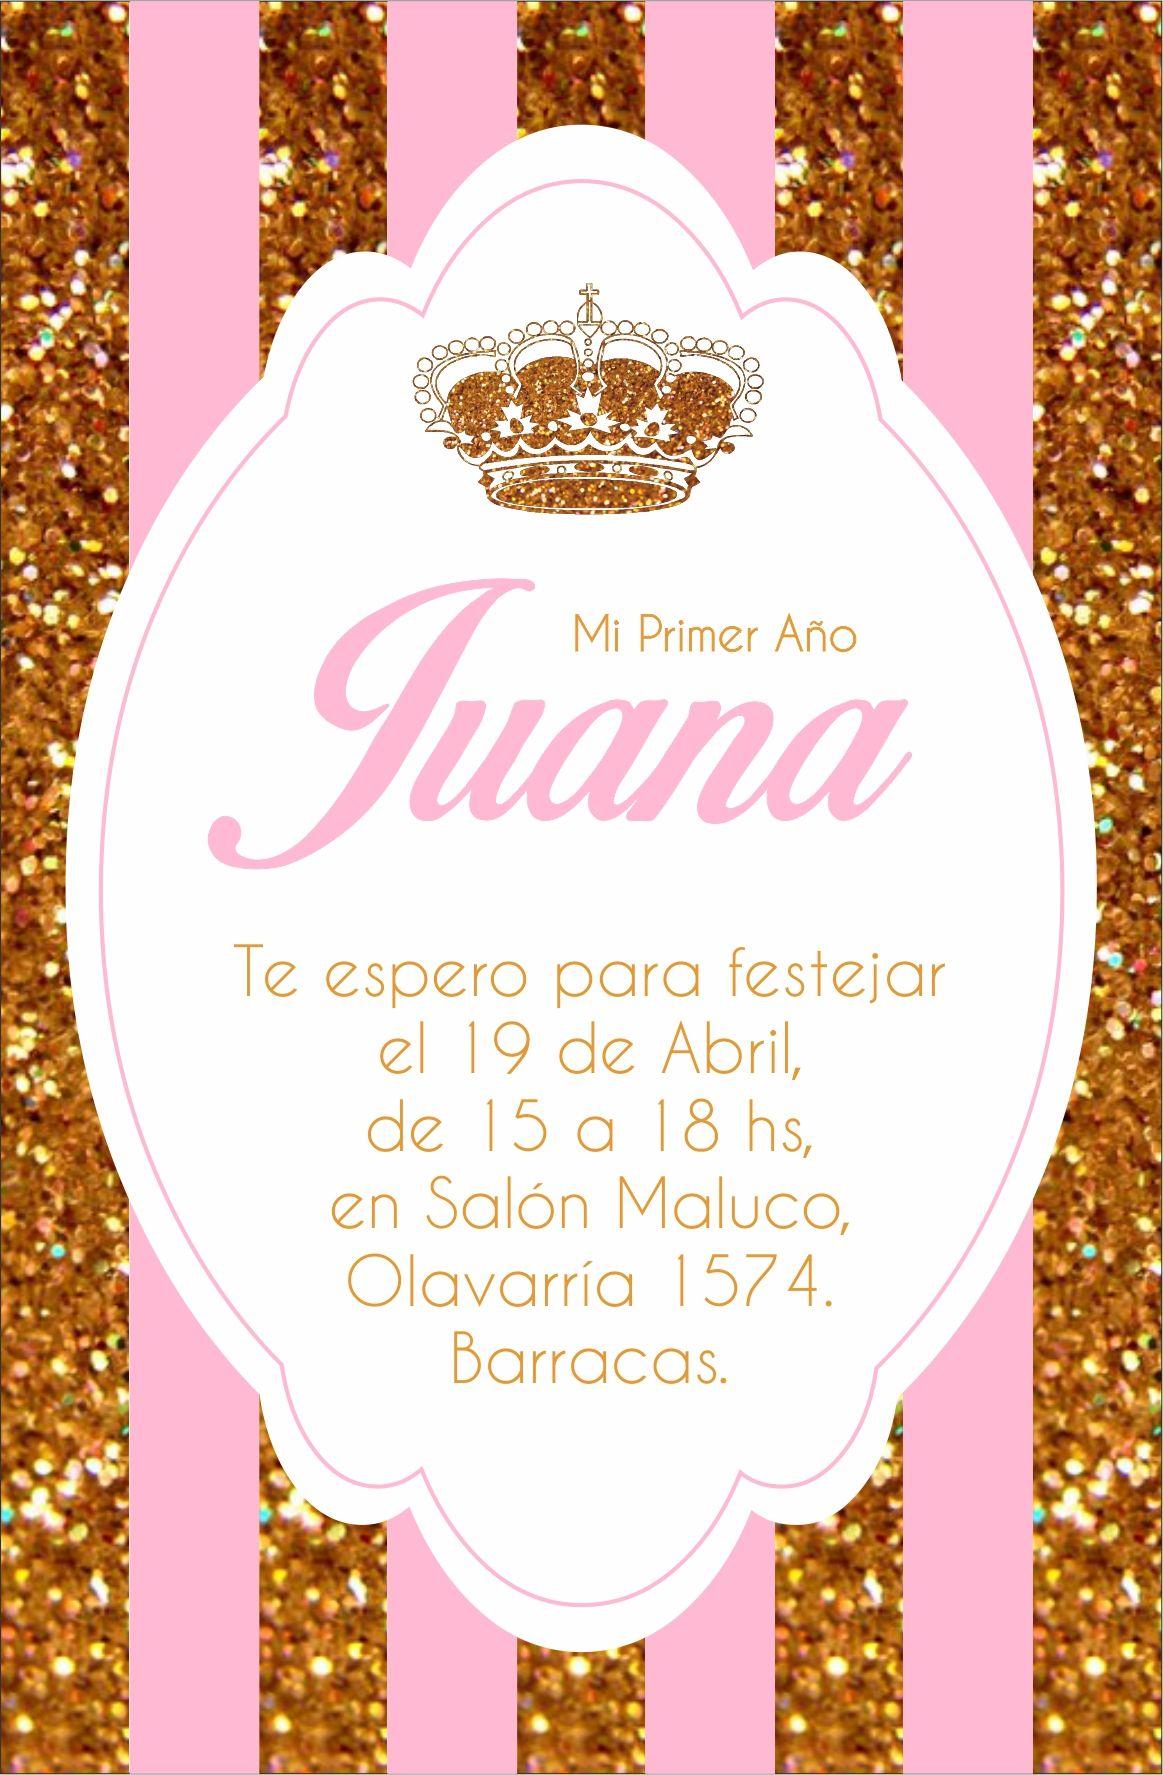 Invitación Corona Crown Royal Party Primer Año